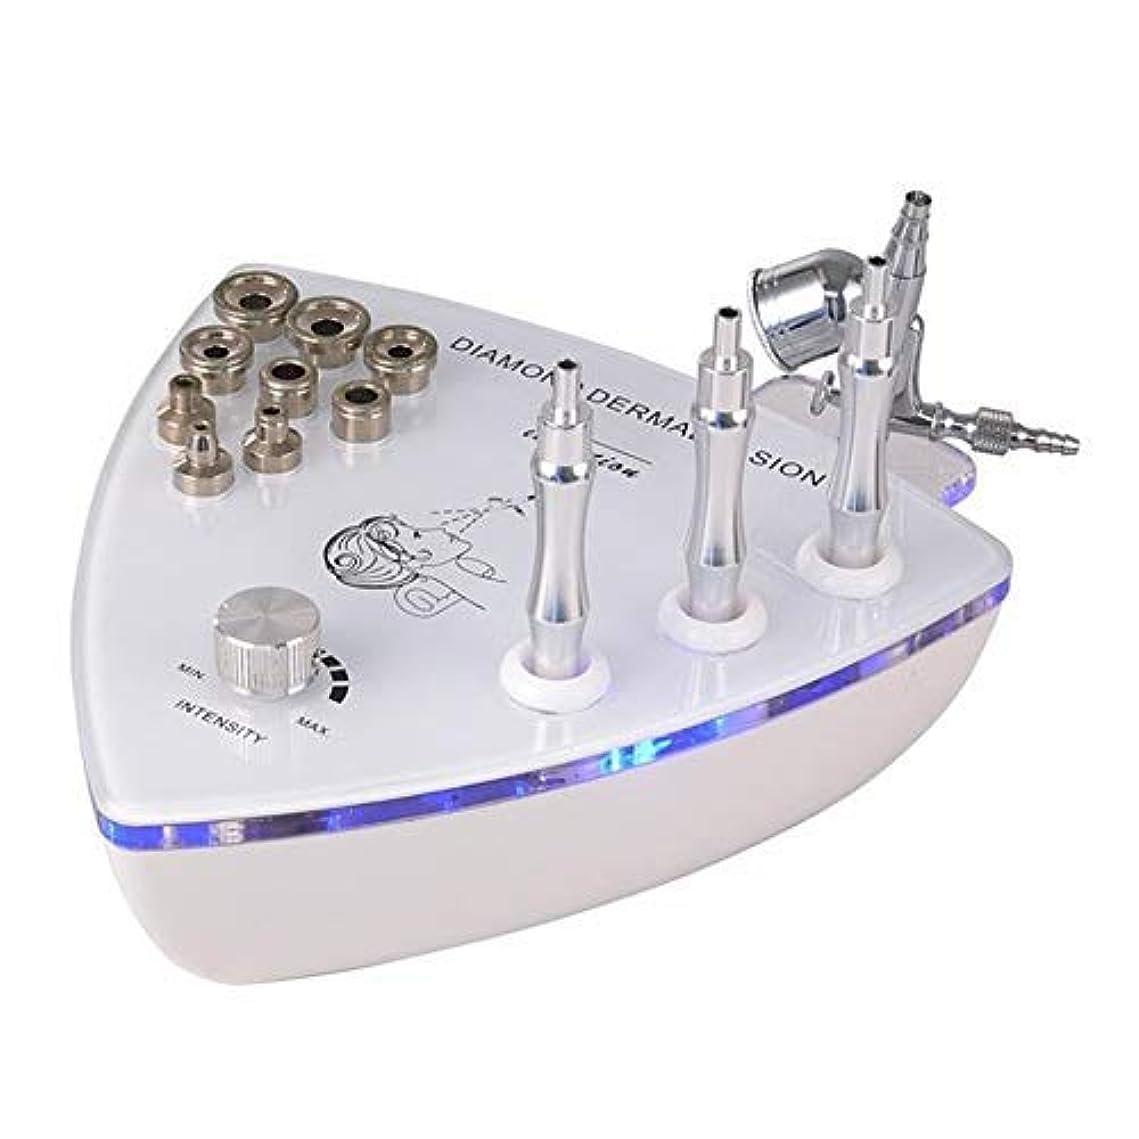 シロクマ想像する錆び美容機器、フェイシャルスキンケア機器、マイクロダーマブレーションマシン、マイクロダーマブレーションおむつダイヤモンドマイクロ彫刻美容機器、角質除去、角質除去、肌の若返り